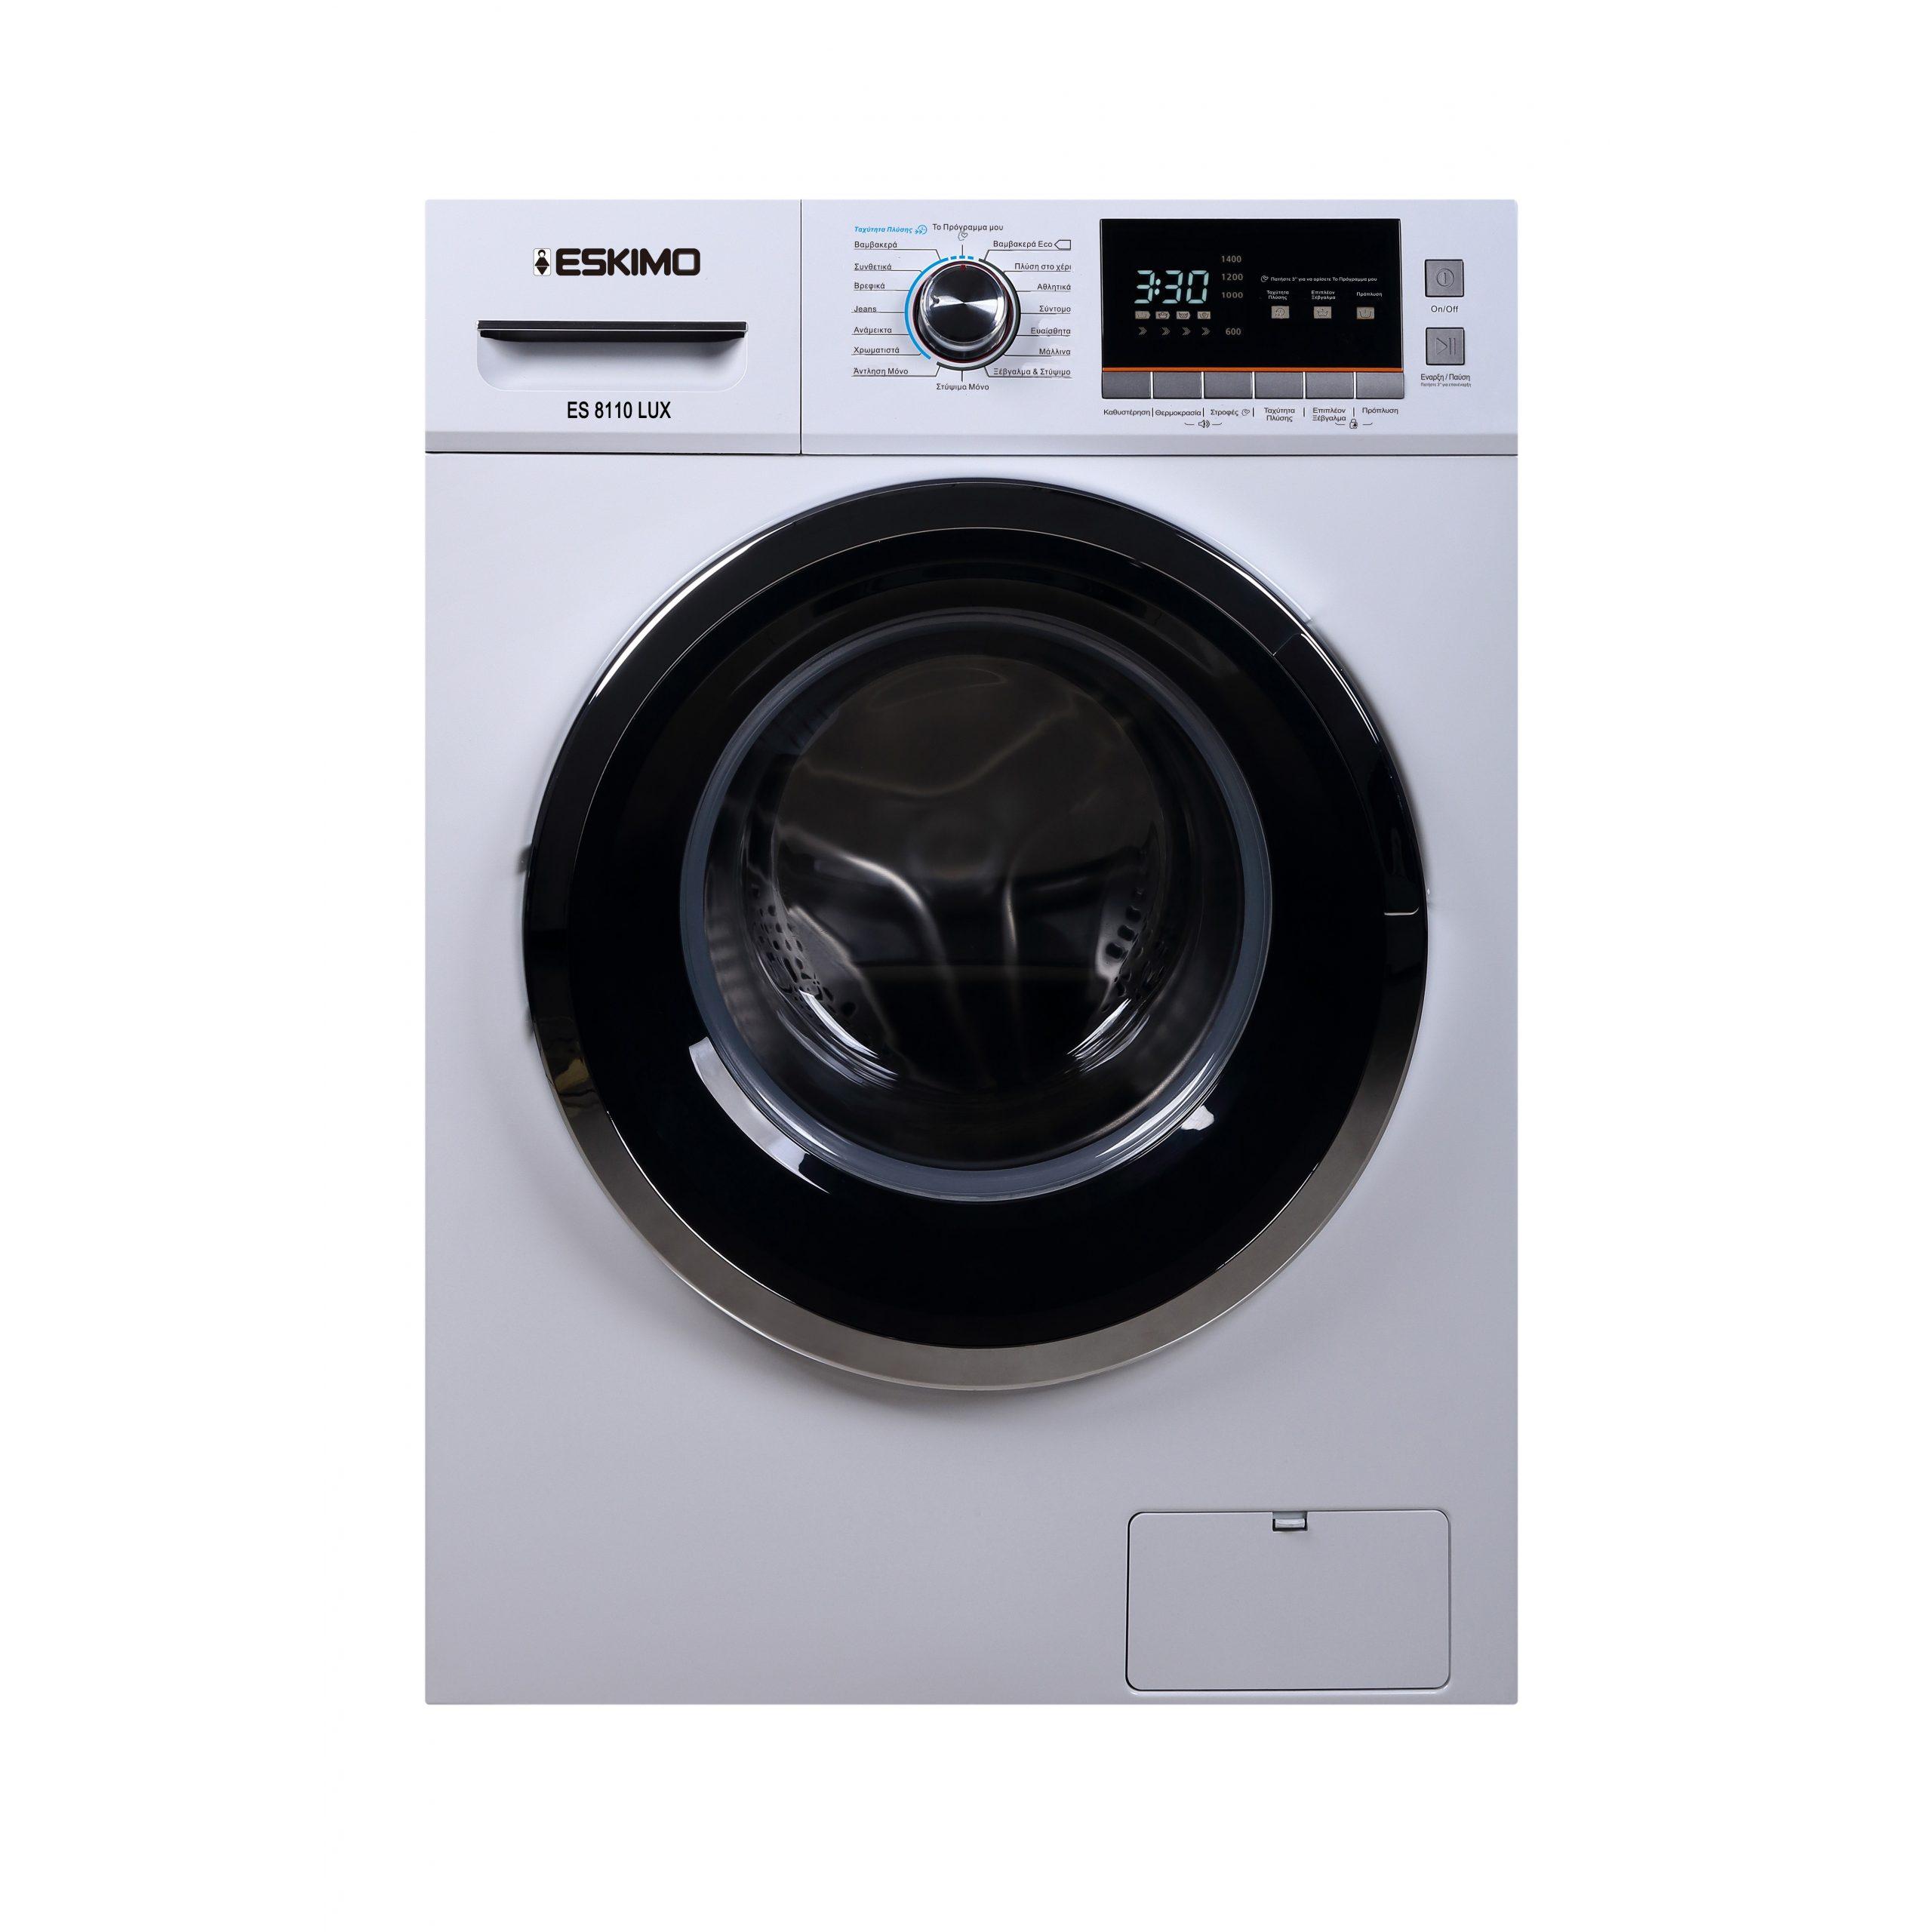 Eskimo Πλυντήριο Ρούχων ES 8110 Lux